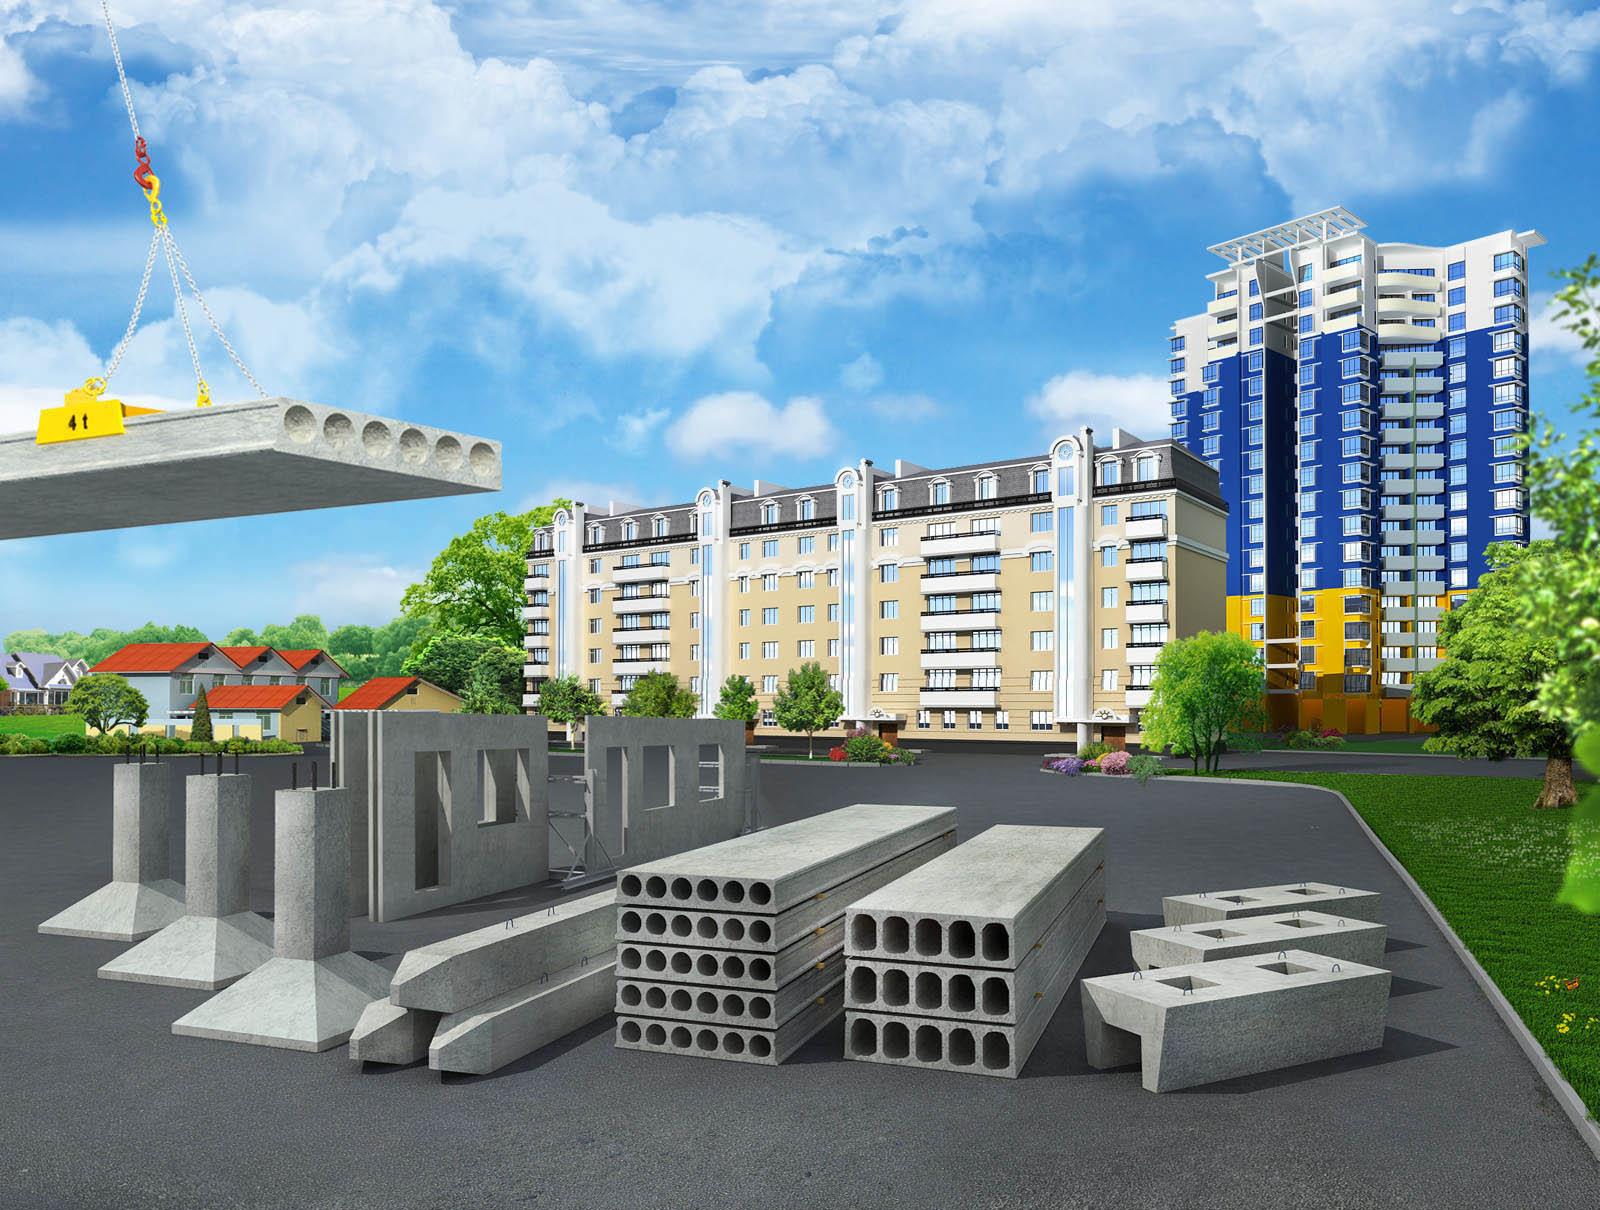 Железобетонные изделия и их ассортимент - плиты, блоки, бетон